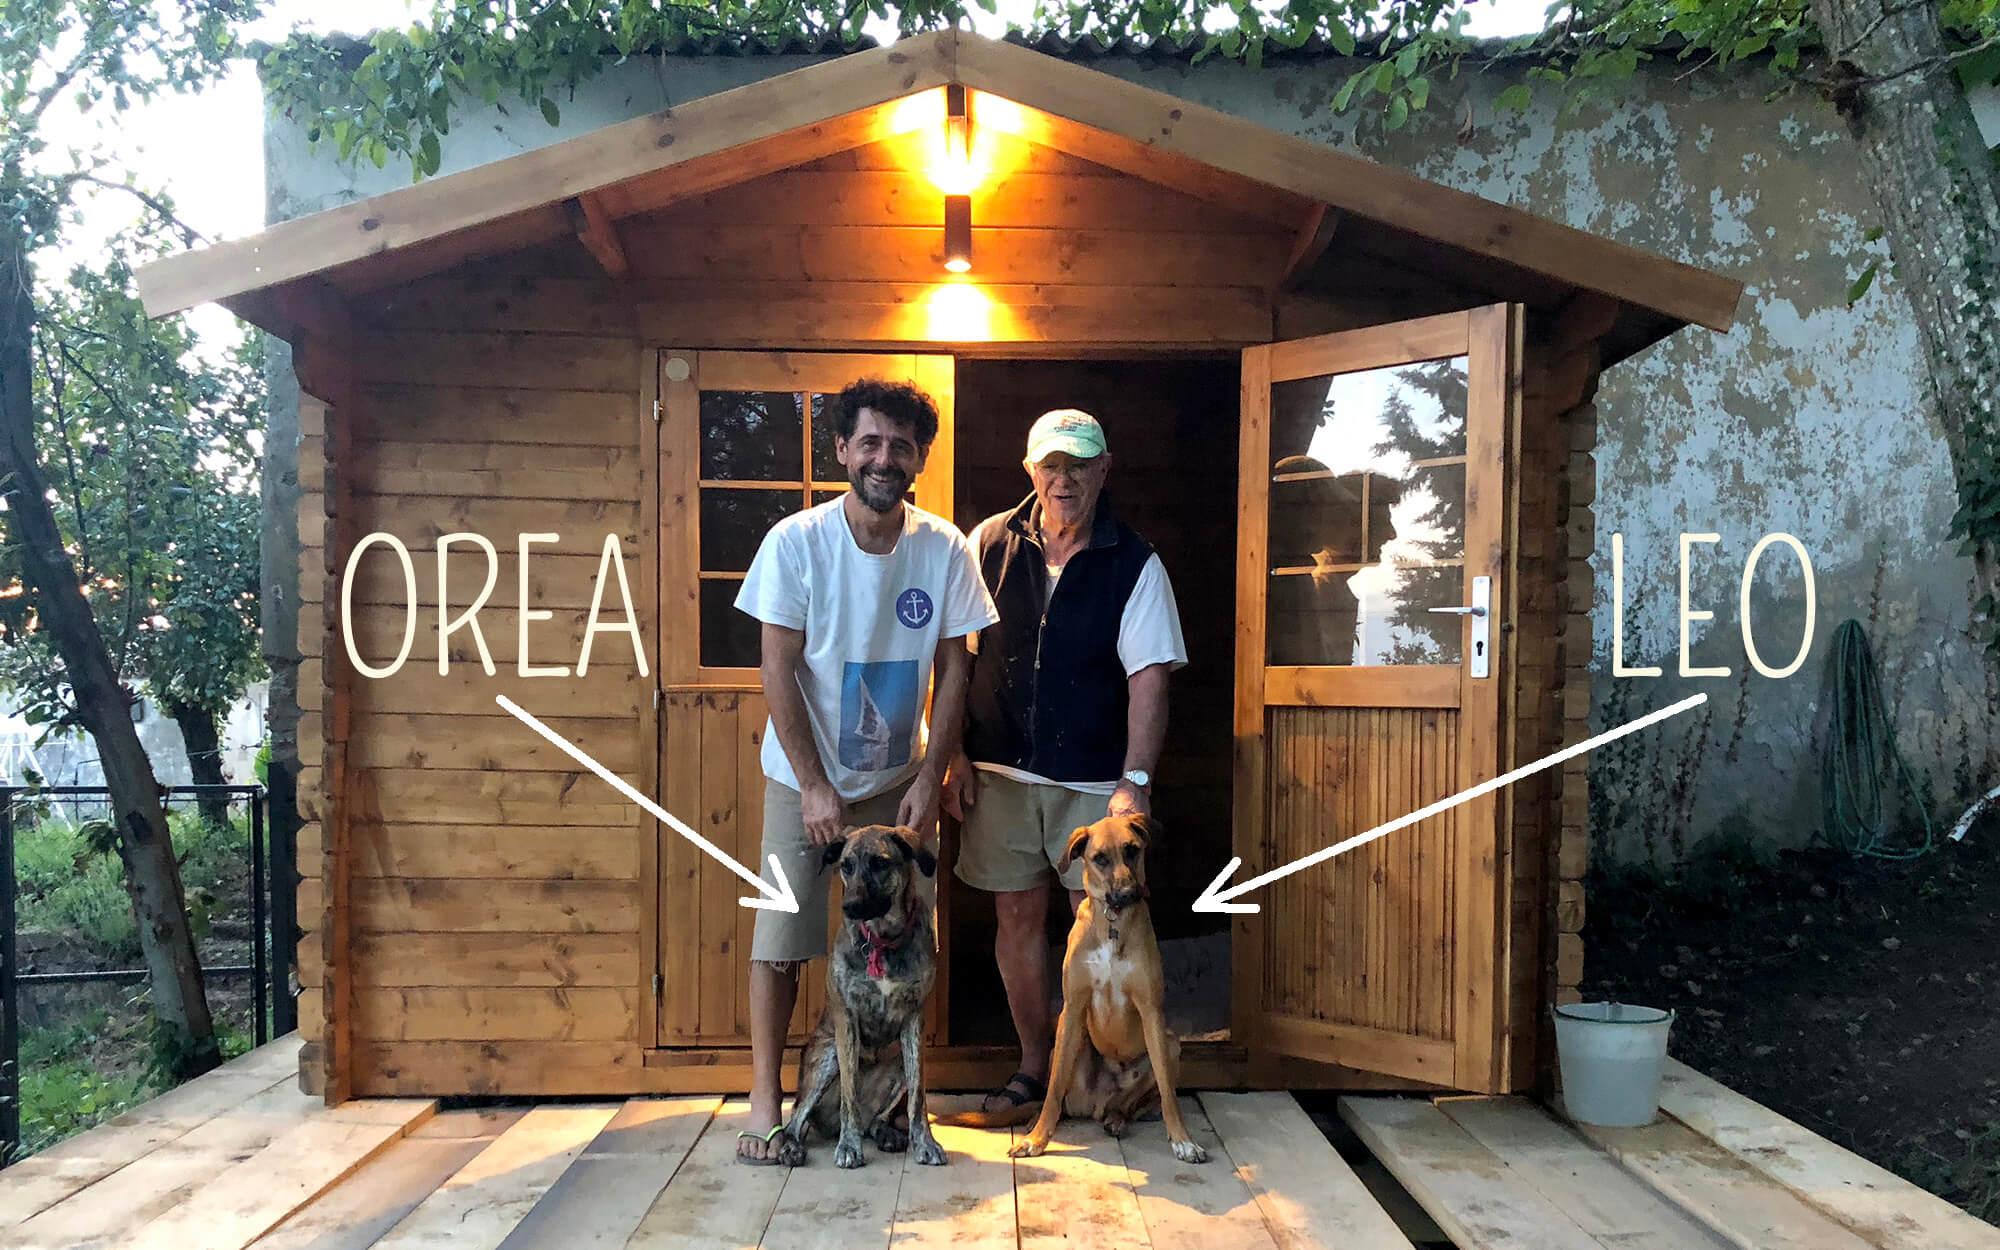 Fabrizio e Giorgio posano con i cani Leo e Orea davanti alla casetta in legno dell'area giochi per cani al Podere Camaiano